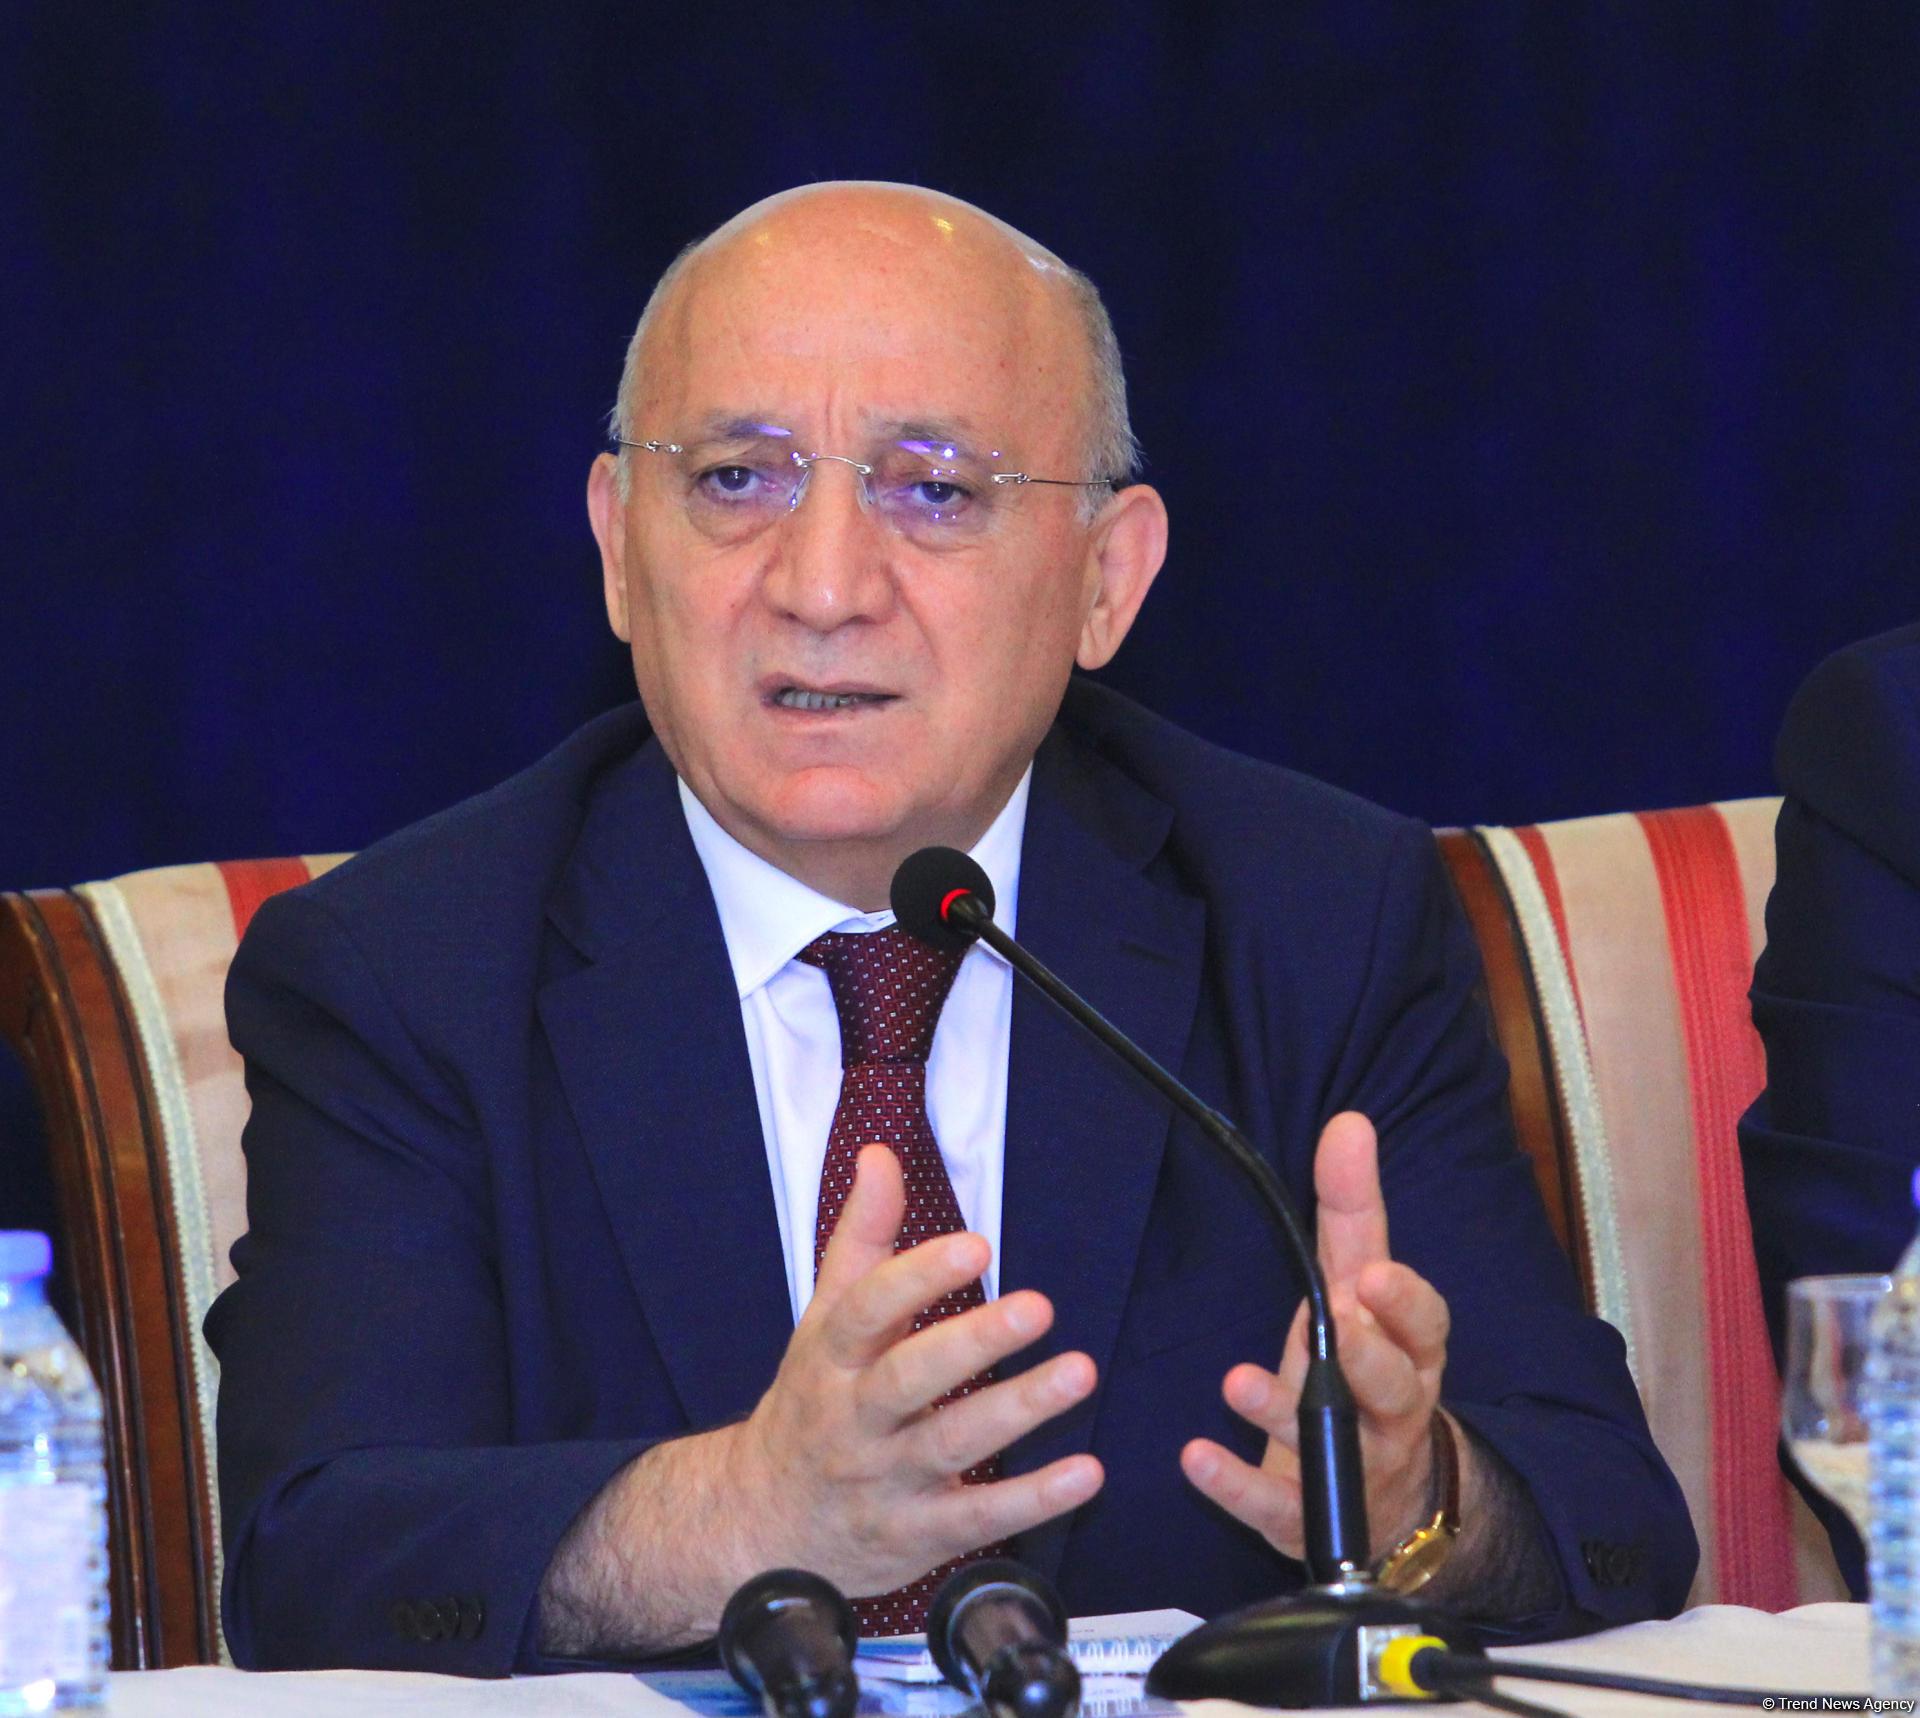 Влияние западной культуры может привести к деформации национальных ценностей Азербайджана - Госкомитет